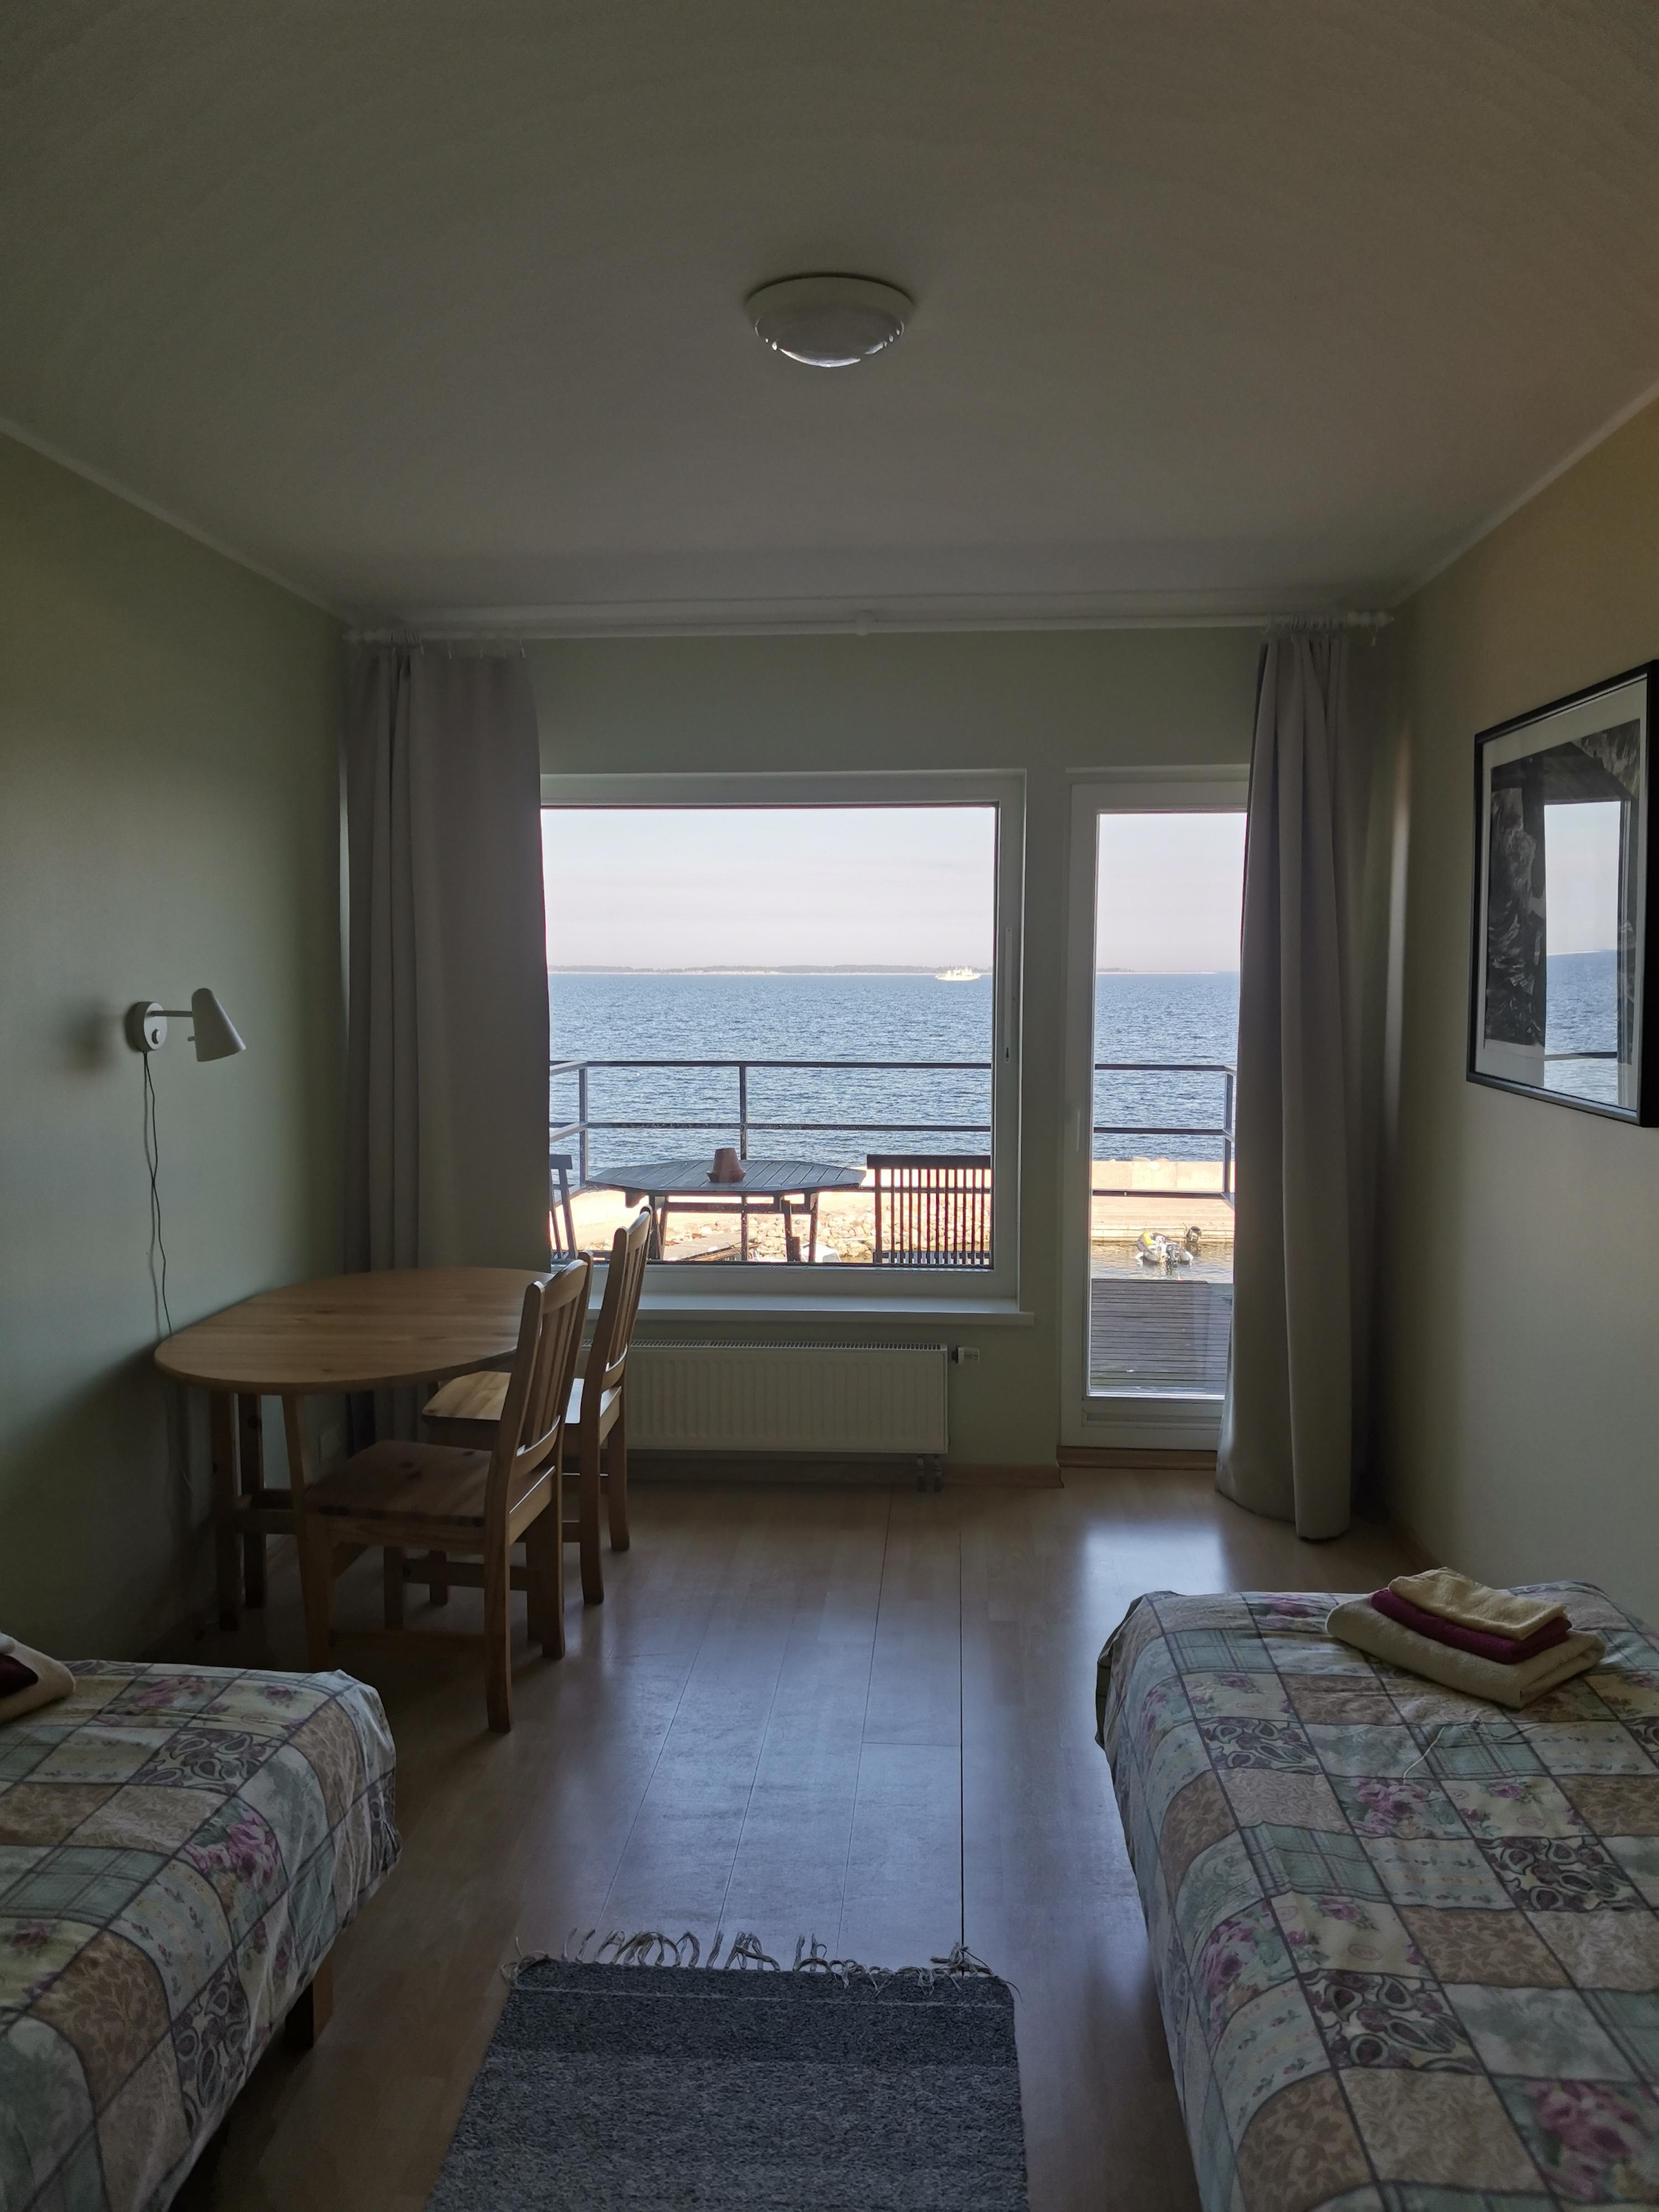 Kaheinimese tuba merevaate ja rõduga